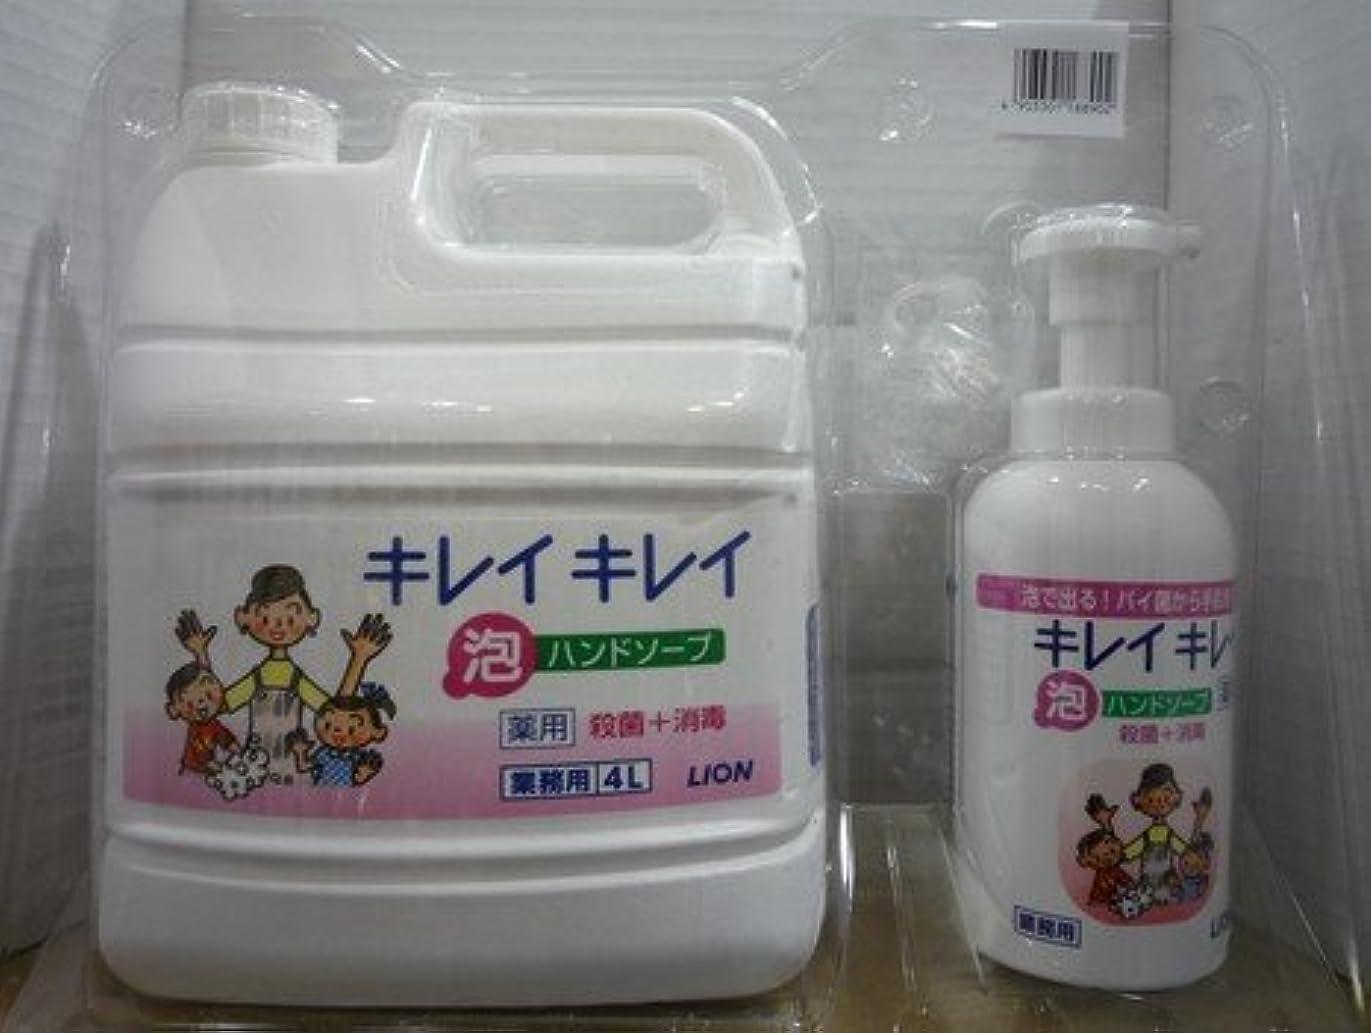 キレイキレイ 薬用泡ハンドソープ 業務用 4L+キレイキレイ 薬用泡ハンドソープボトル550ml